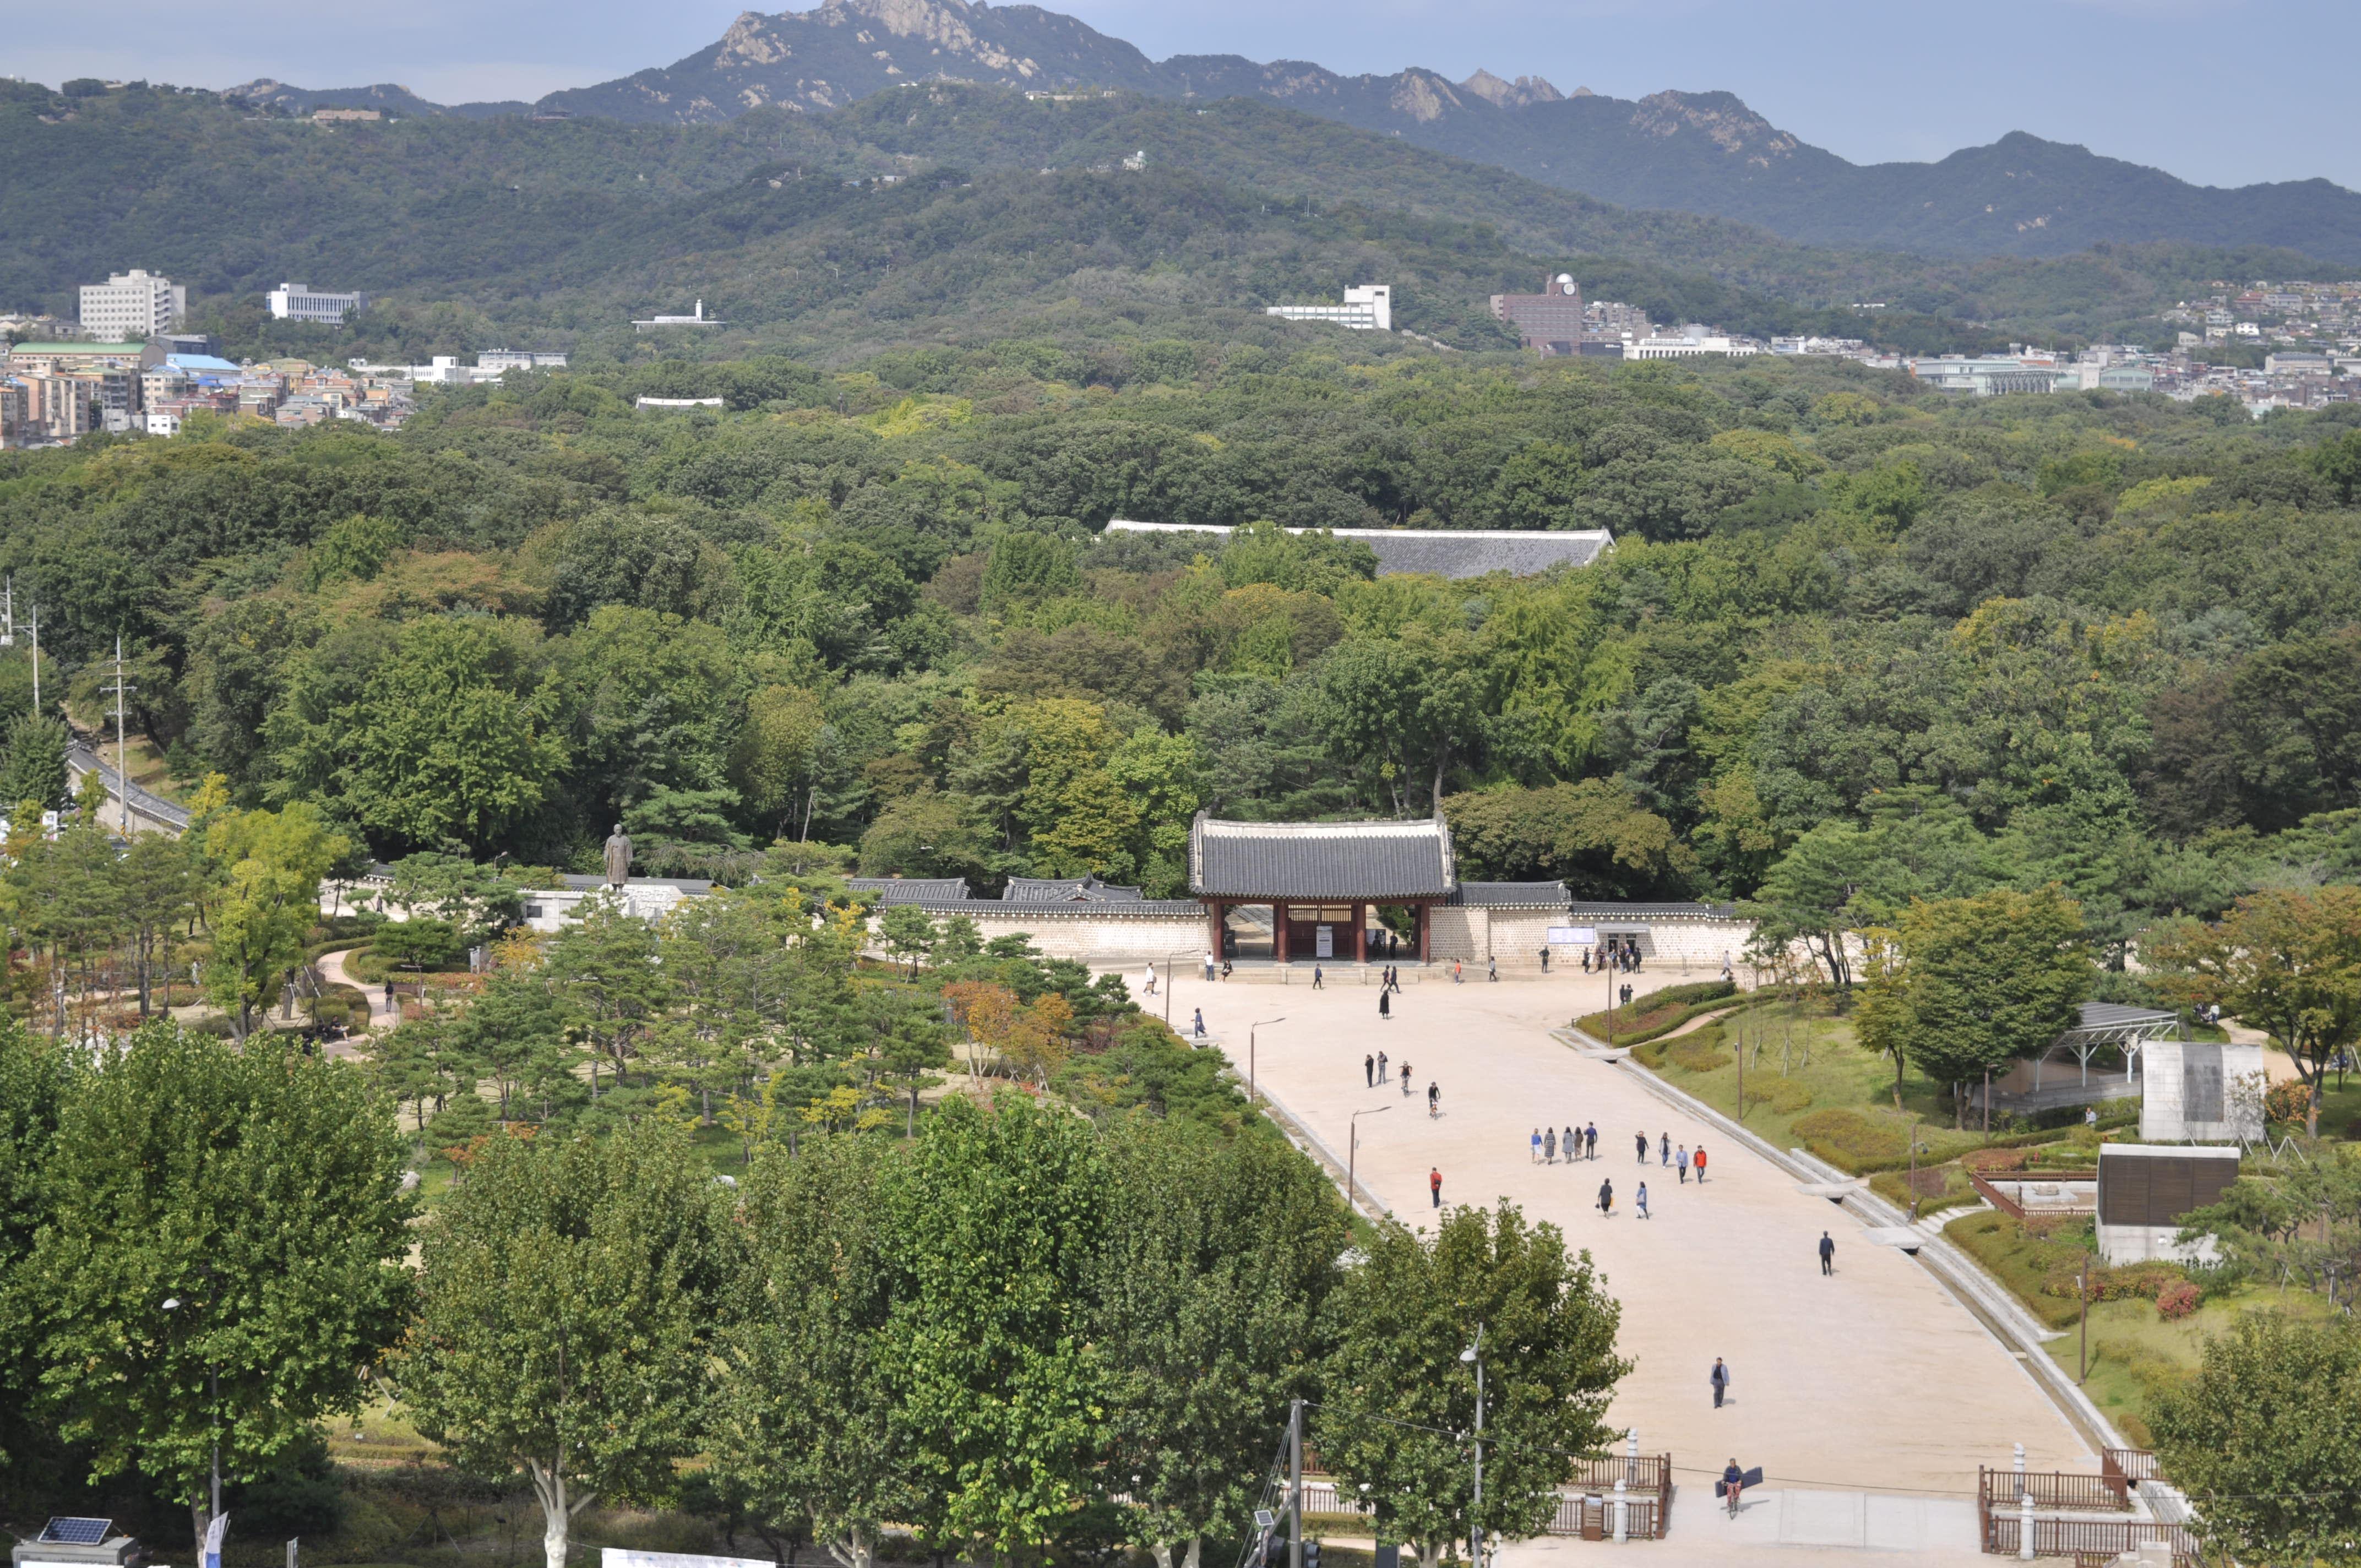 сЕУЛ Тем временем в Сеуле: о переезде украинской семьи в Южную Корею DSC0337